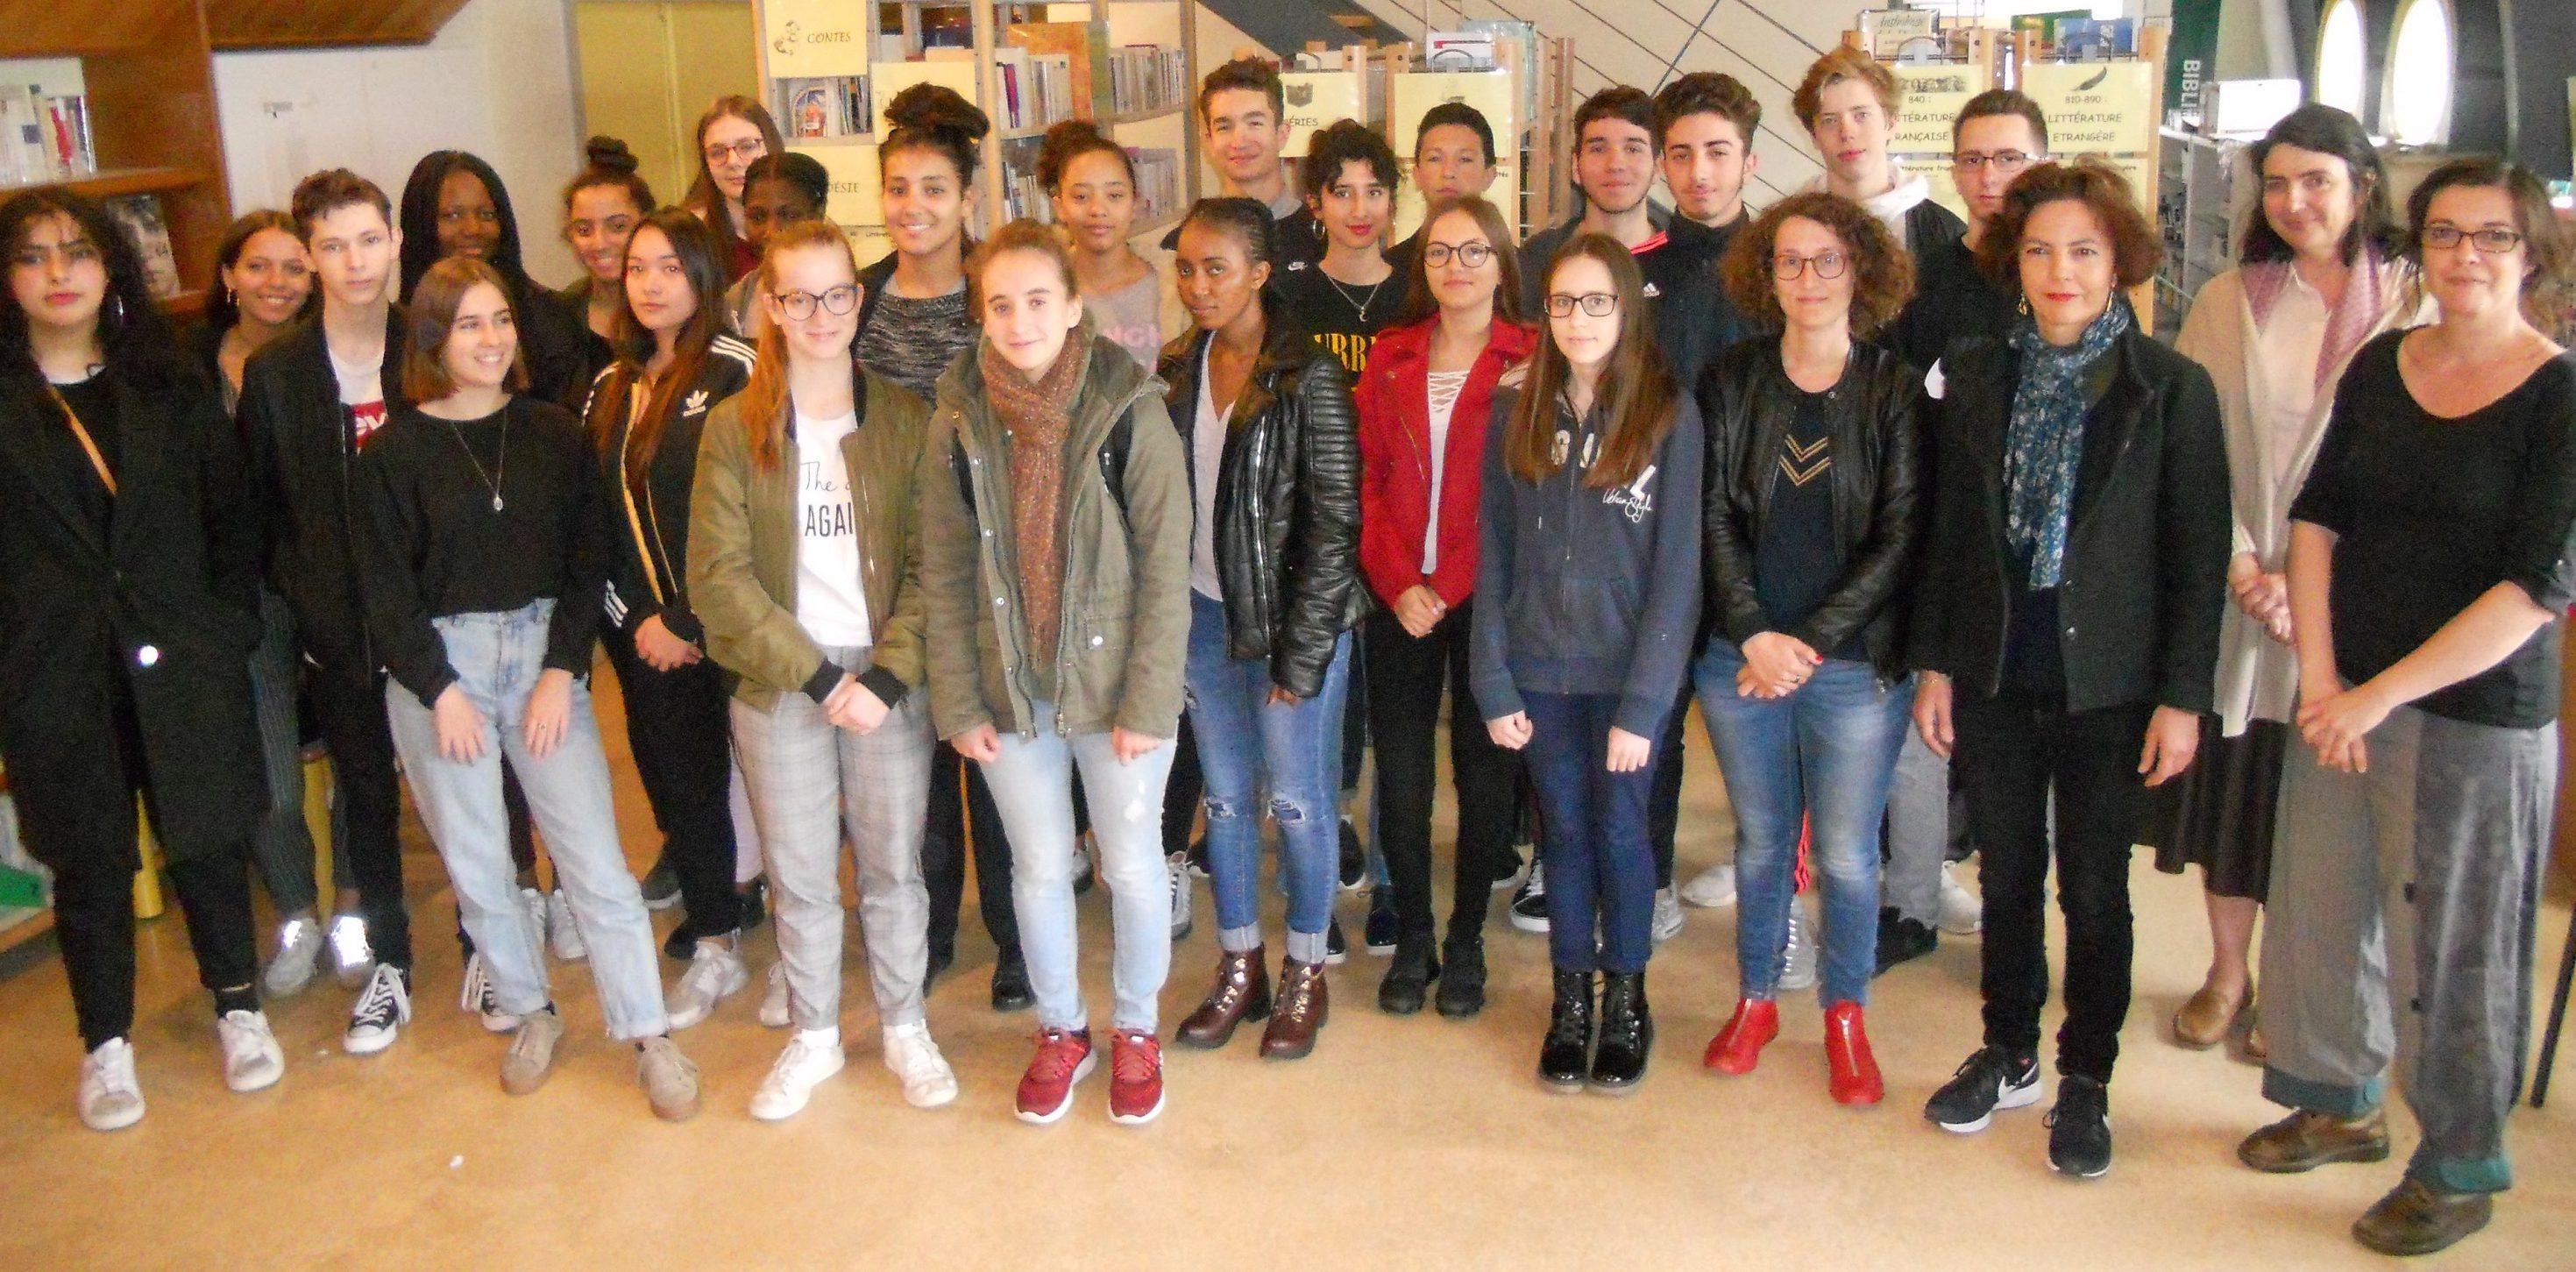 Les élèves de 2nde1 et quelques élèves de Première autour de Pauline Catherinot.